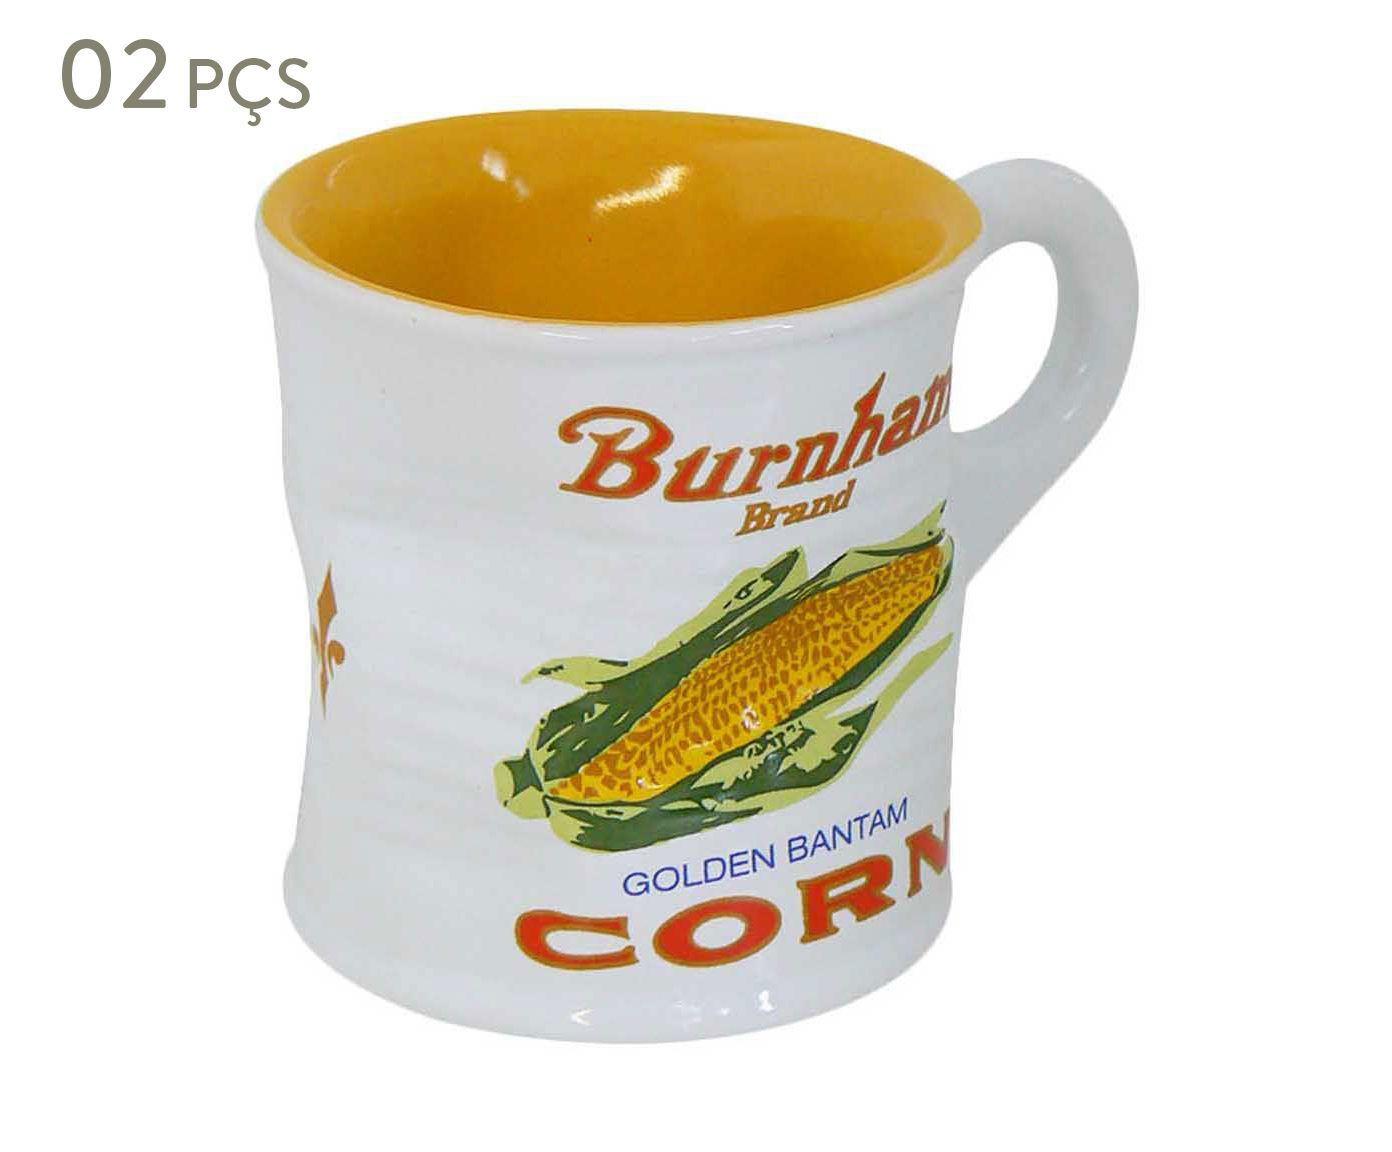 Conjunto de Xícaras para café mashed burnham - 70 ml | Westwing.com.br